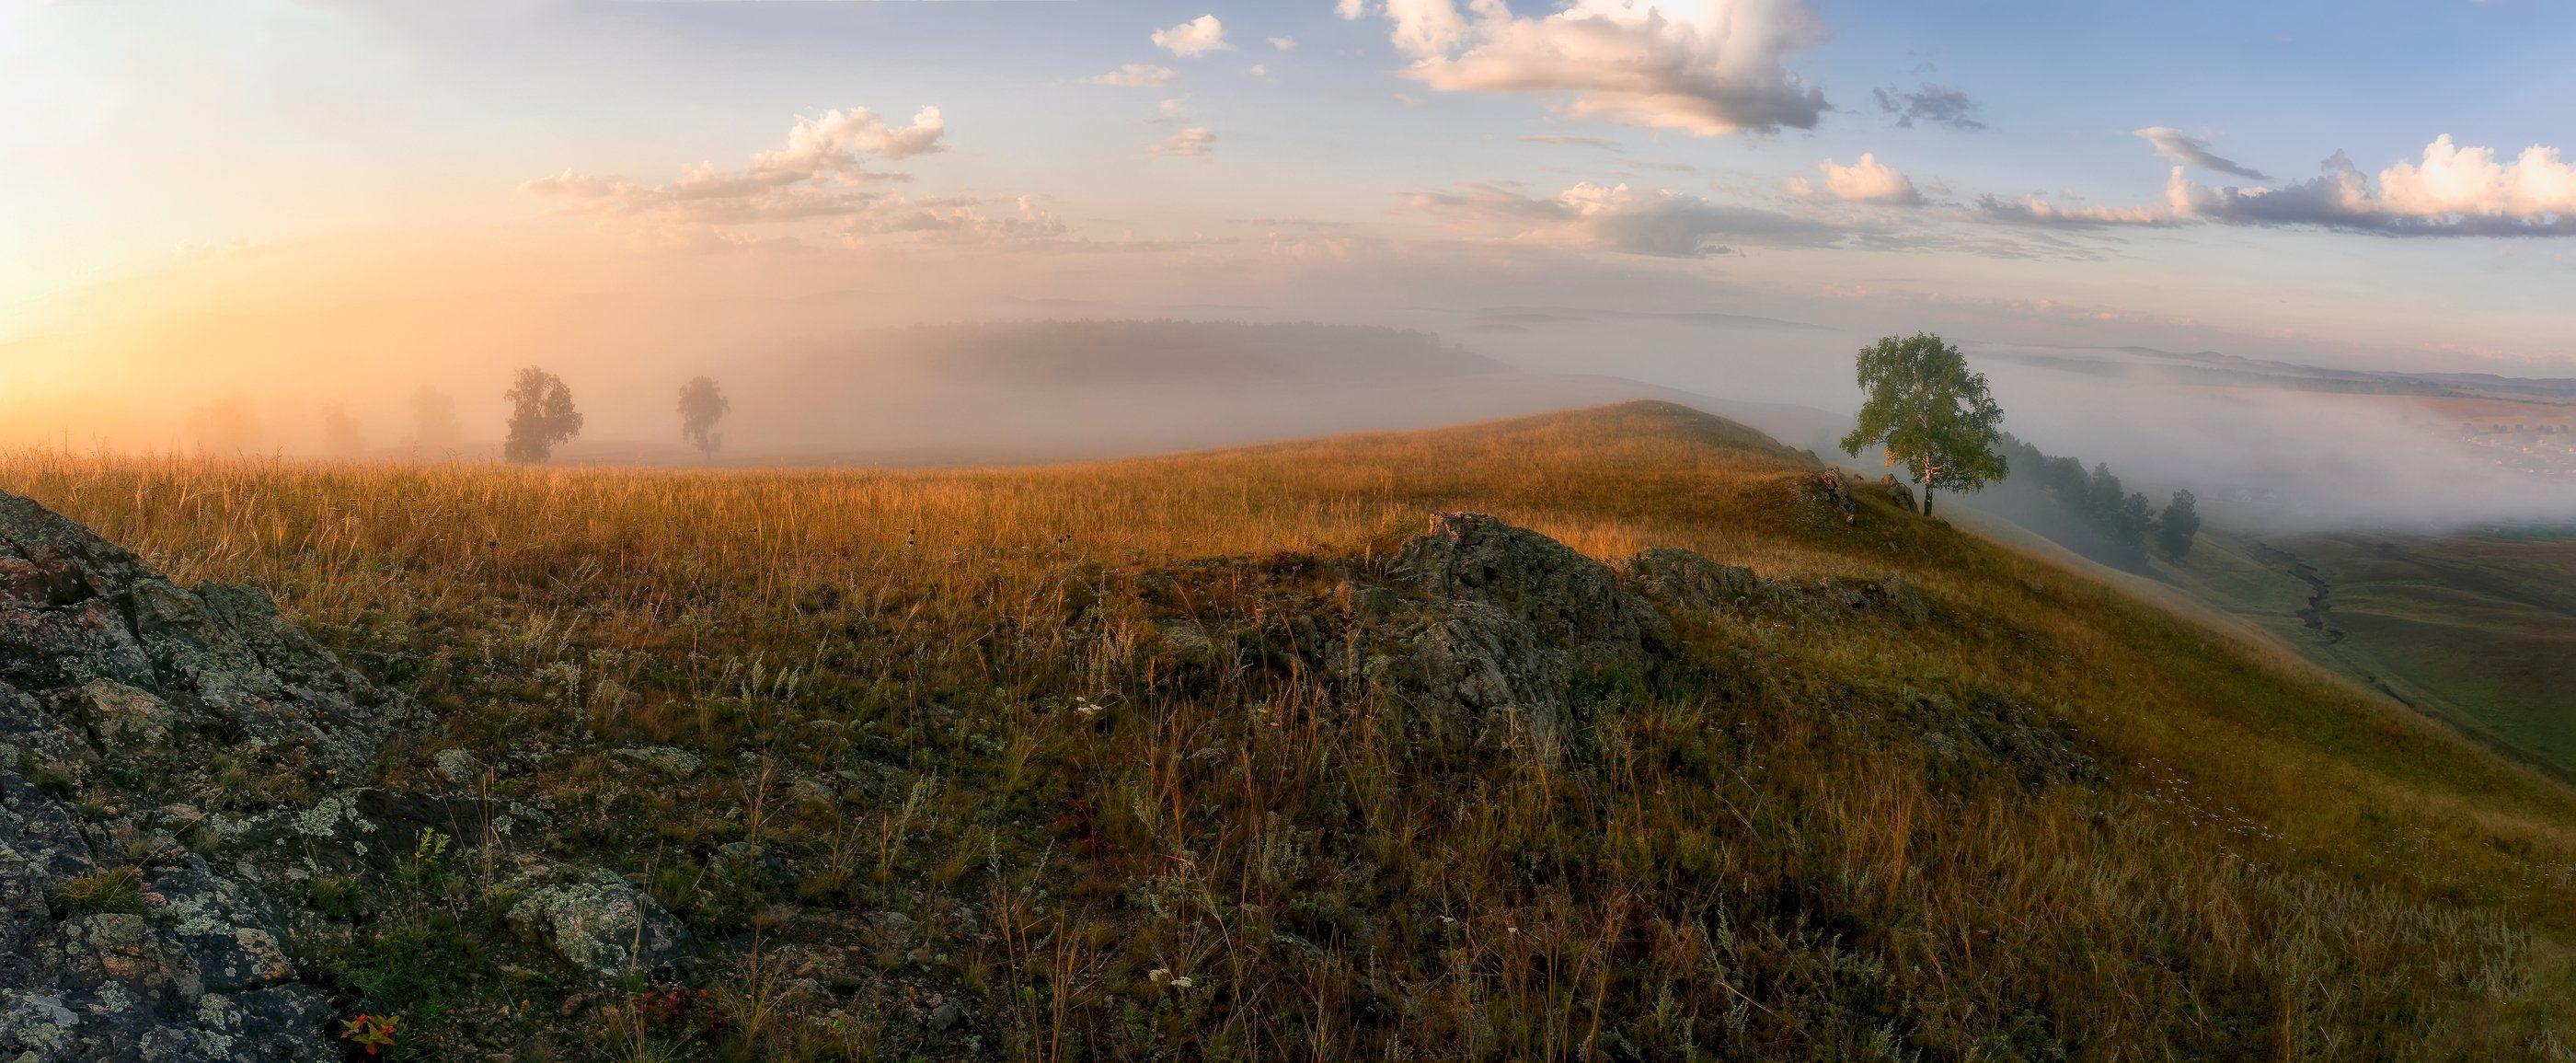 панорама, рассвет, восход, заря, туман, горы, урал, Леонид